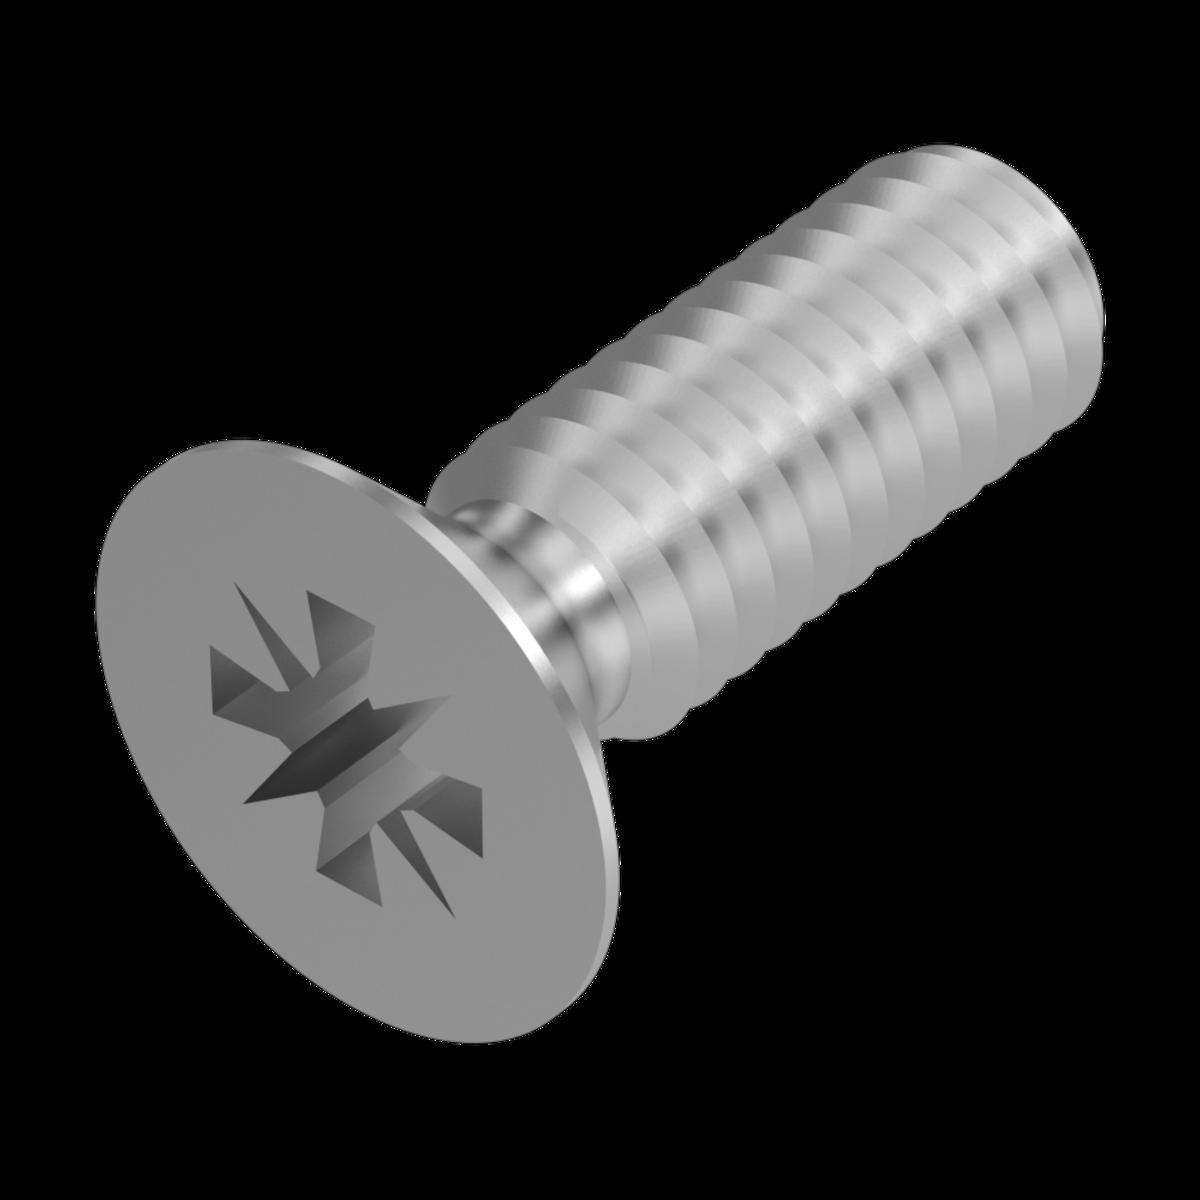 Senkkopfschraube M 2 x 3 oder M 2 x 6 mit Kreuzschlitz  DIN 965  A2 .